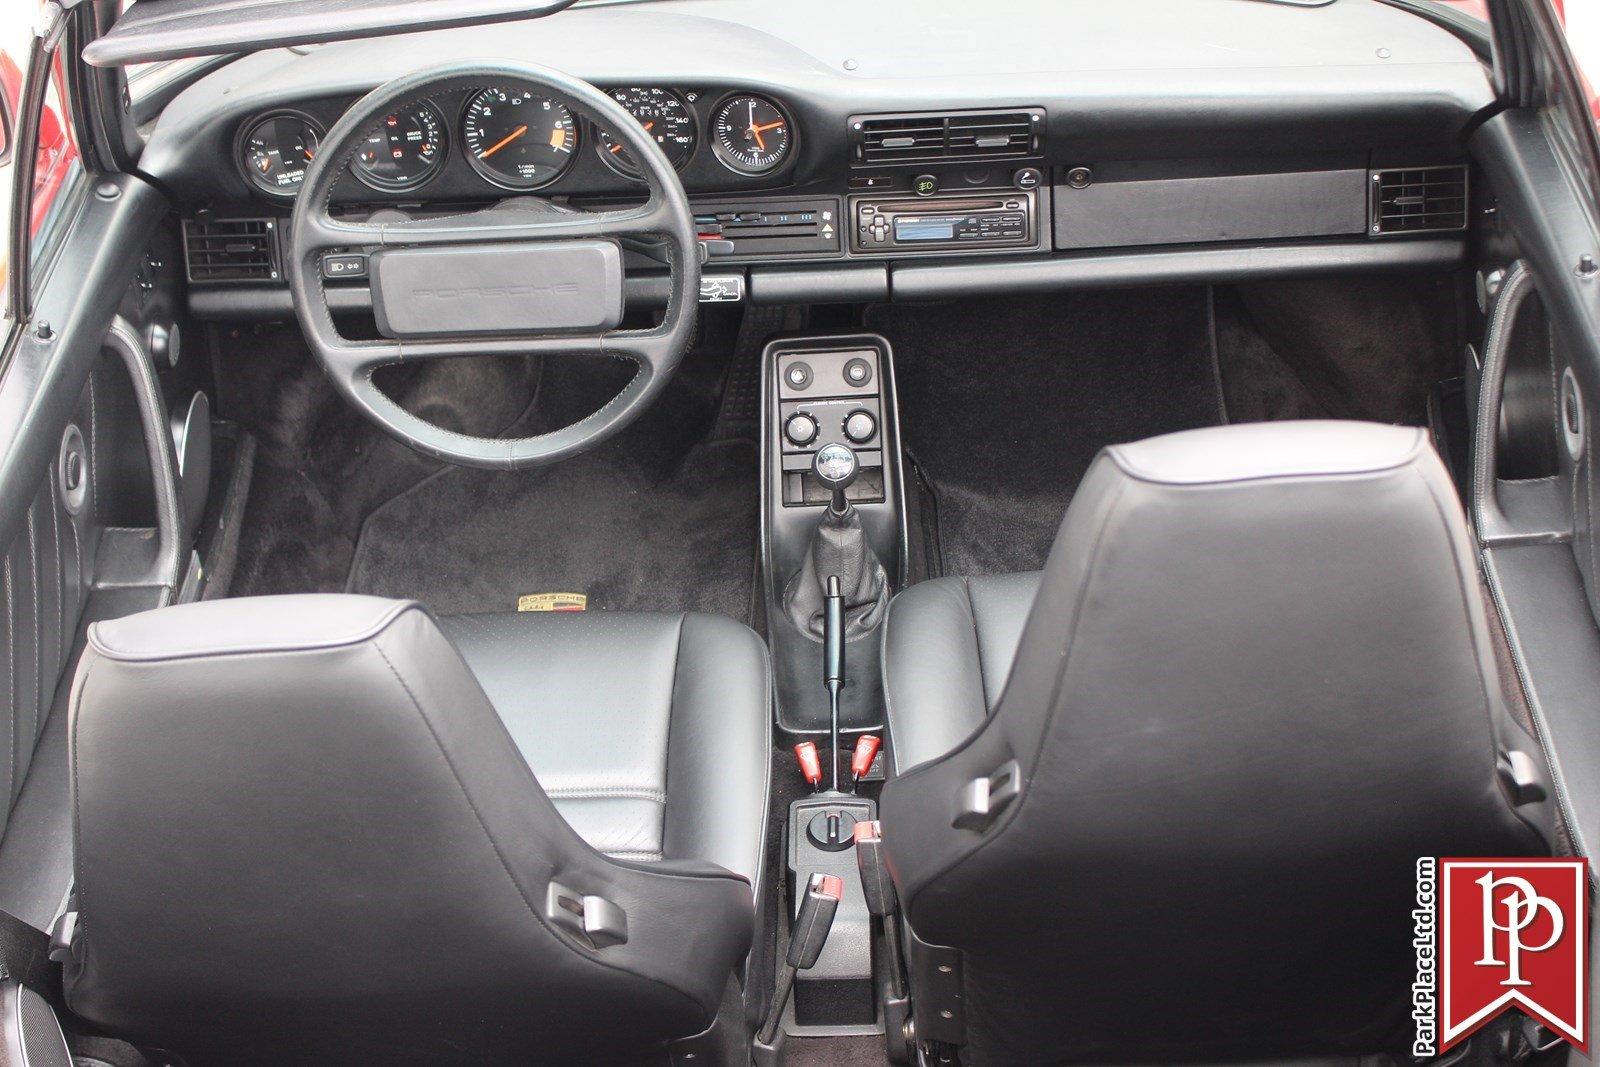 1987 Porsche 911 54950 00 For Sale In Bellevue Wa 98005